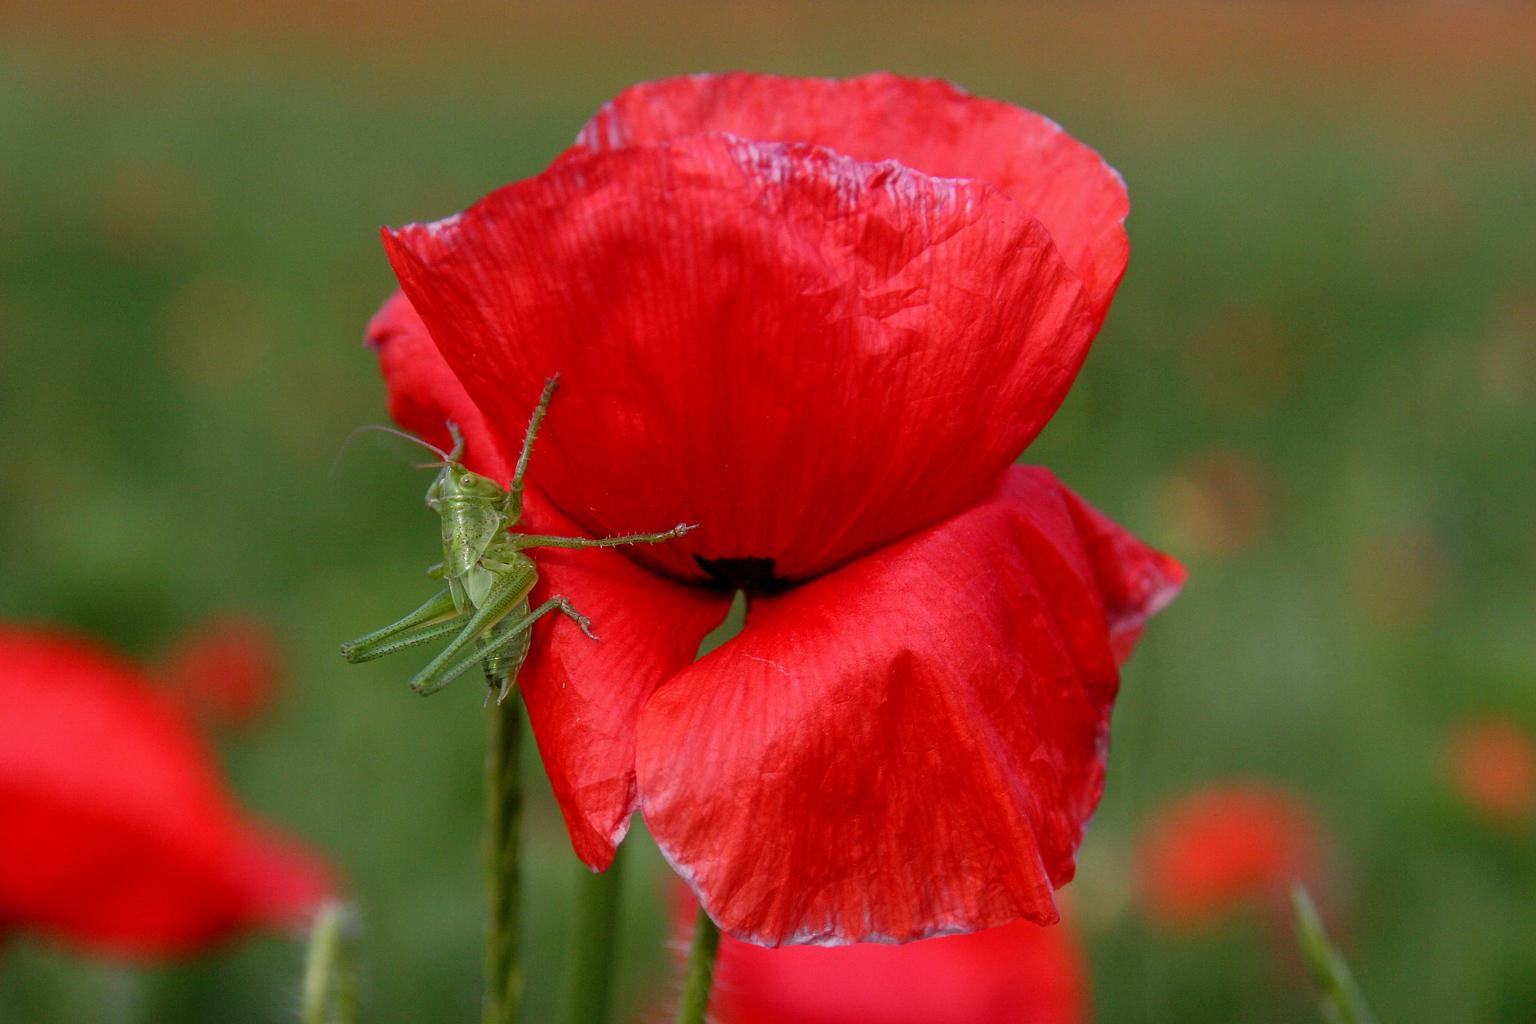 A mákfélék családjába tartozó pipacs virágzik Köveskál határában. MTI Fotó: Nagy Lajos